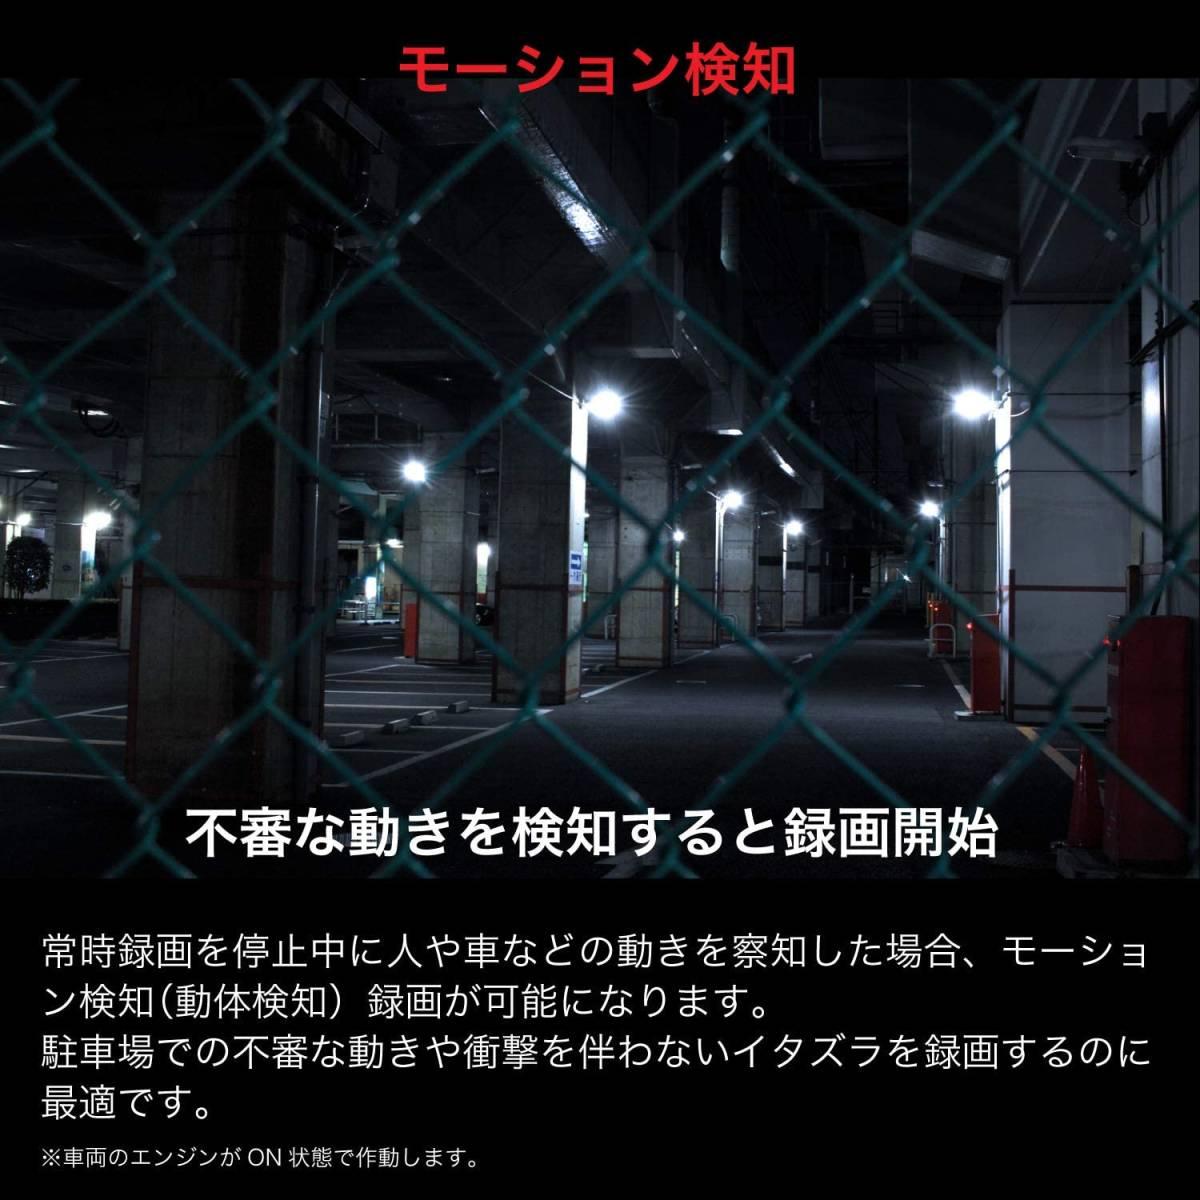 日本製 ドライブレコーダー 前後 カメラ 2カメラ 前後カメラ リアカメラ 駐車監視 衝撃録画 常時録画 モーション検知 ドラレコ_画像7